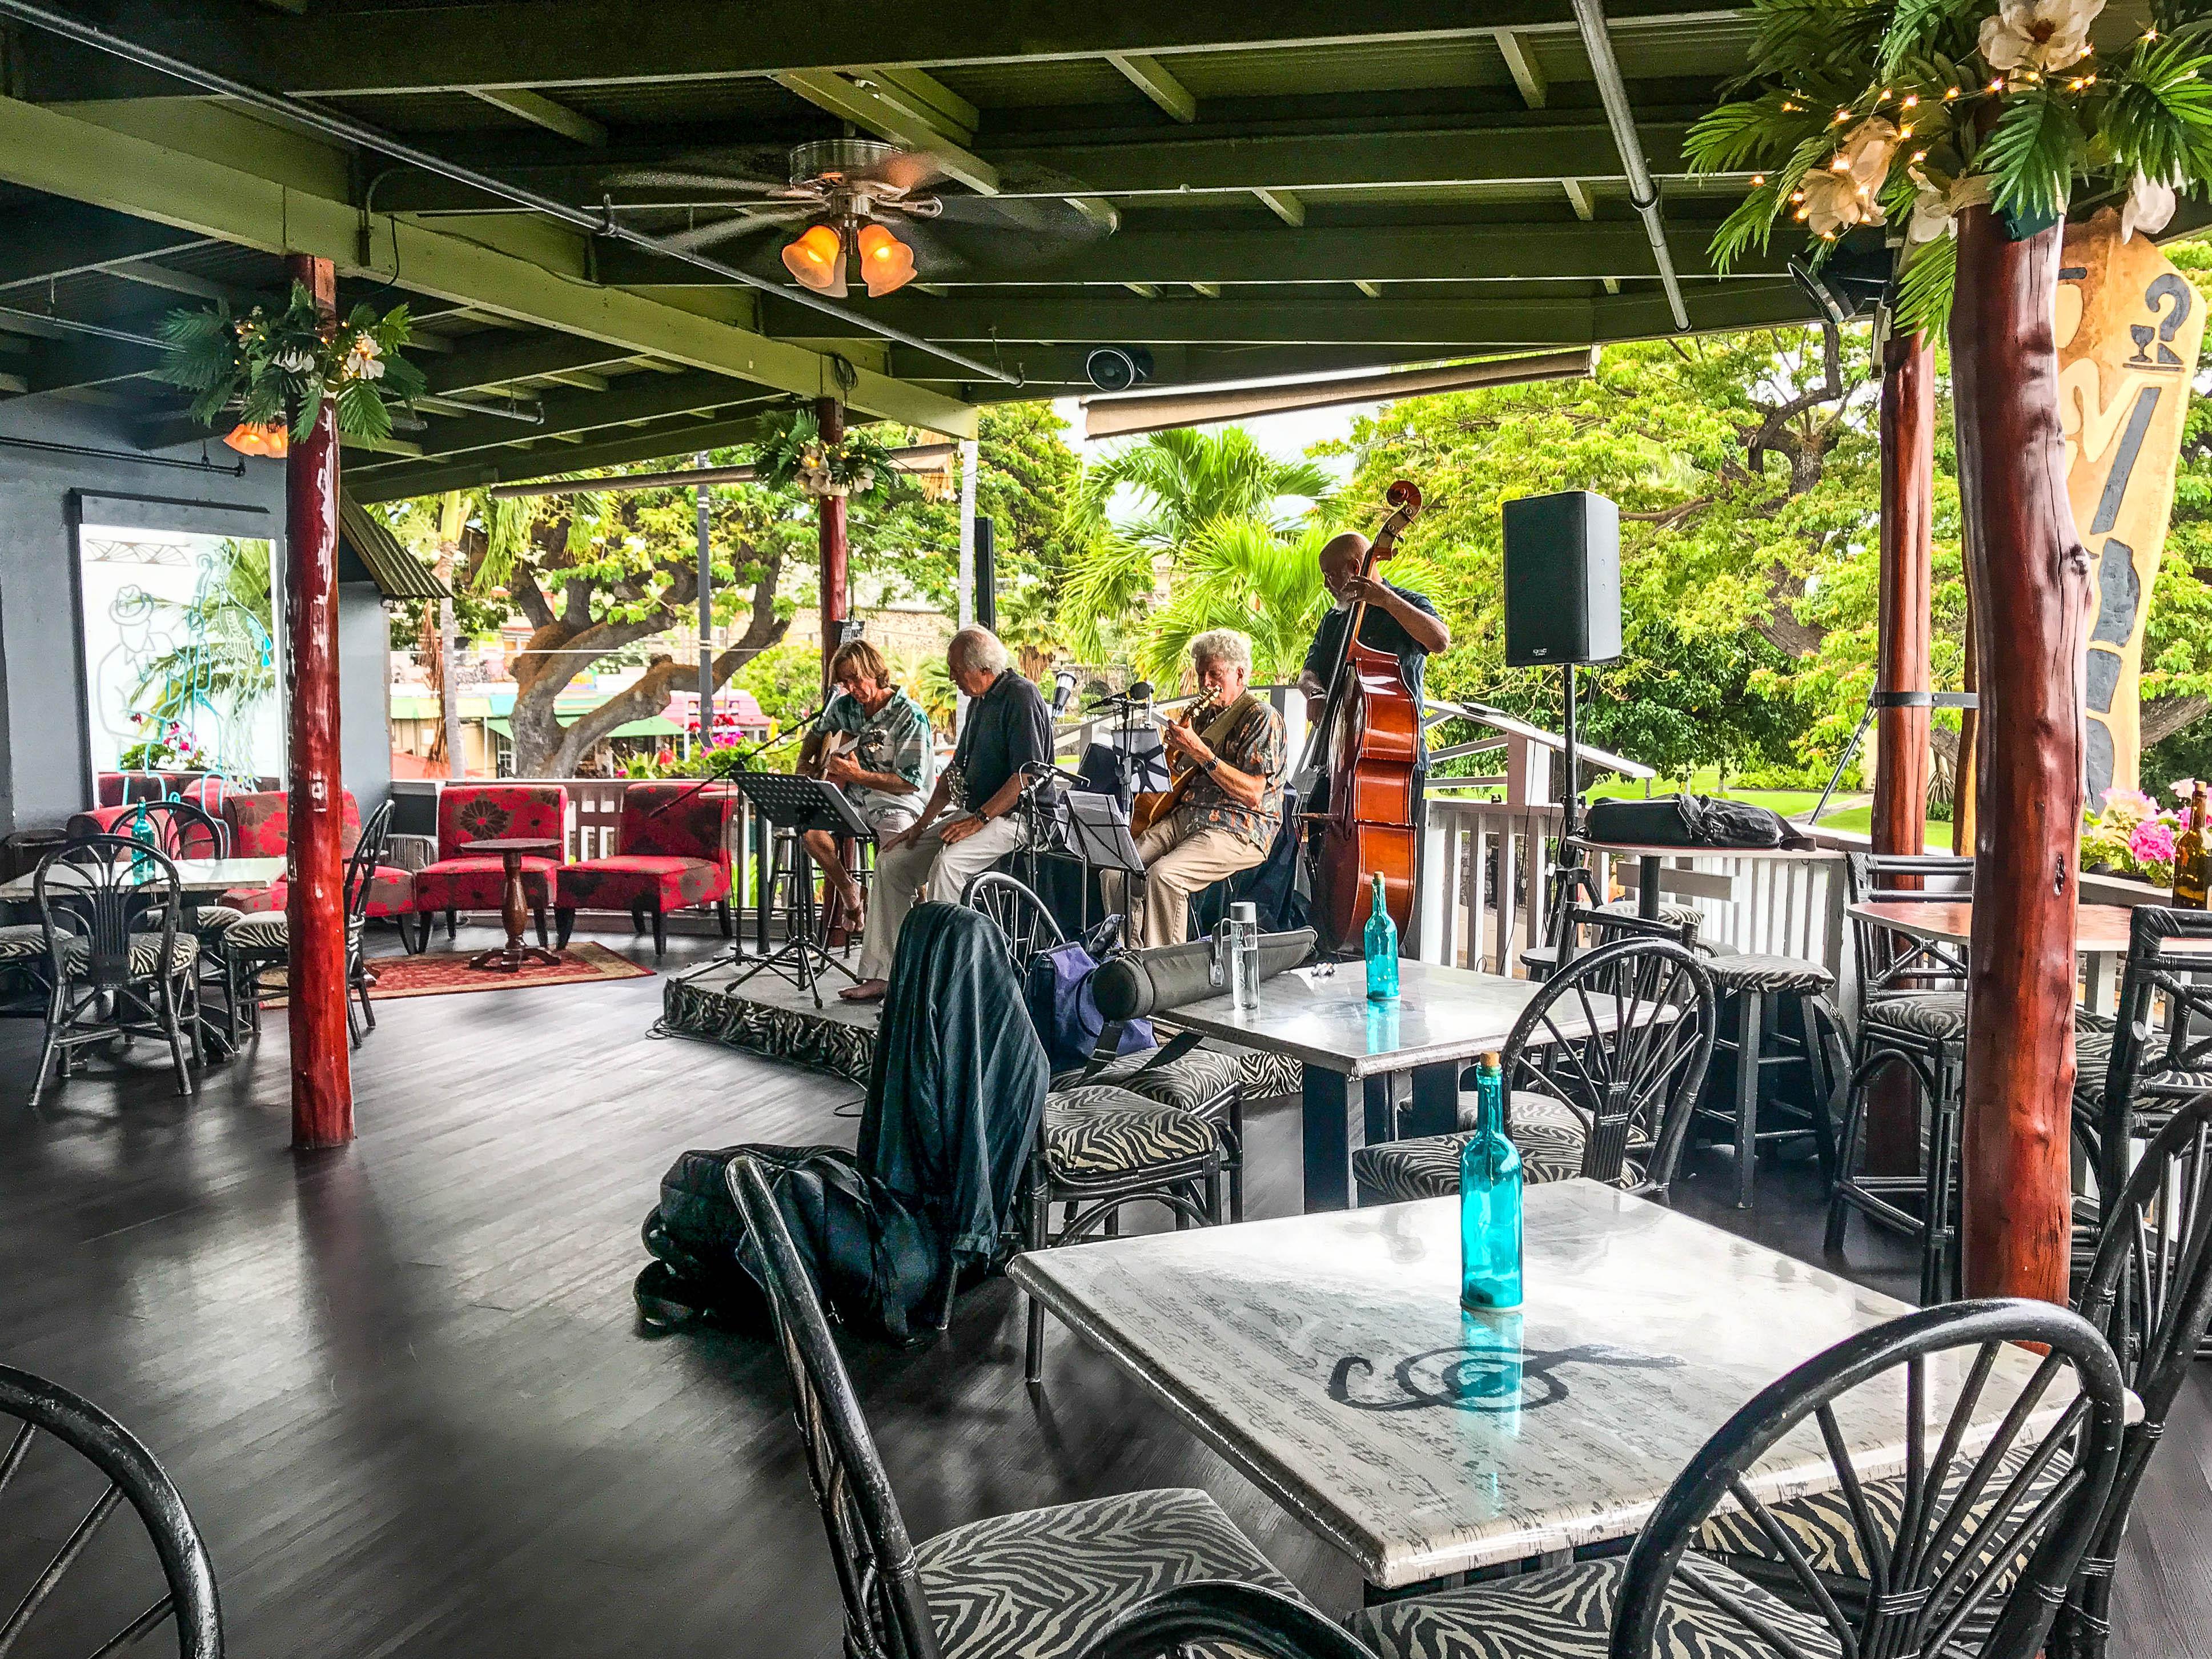 Gertrude's Jazz Bar - The Best Bars in Kona, Hawaii